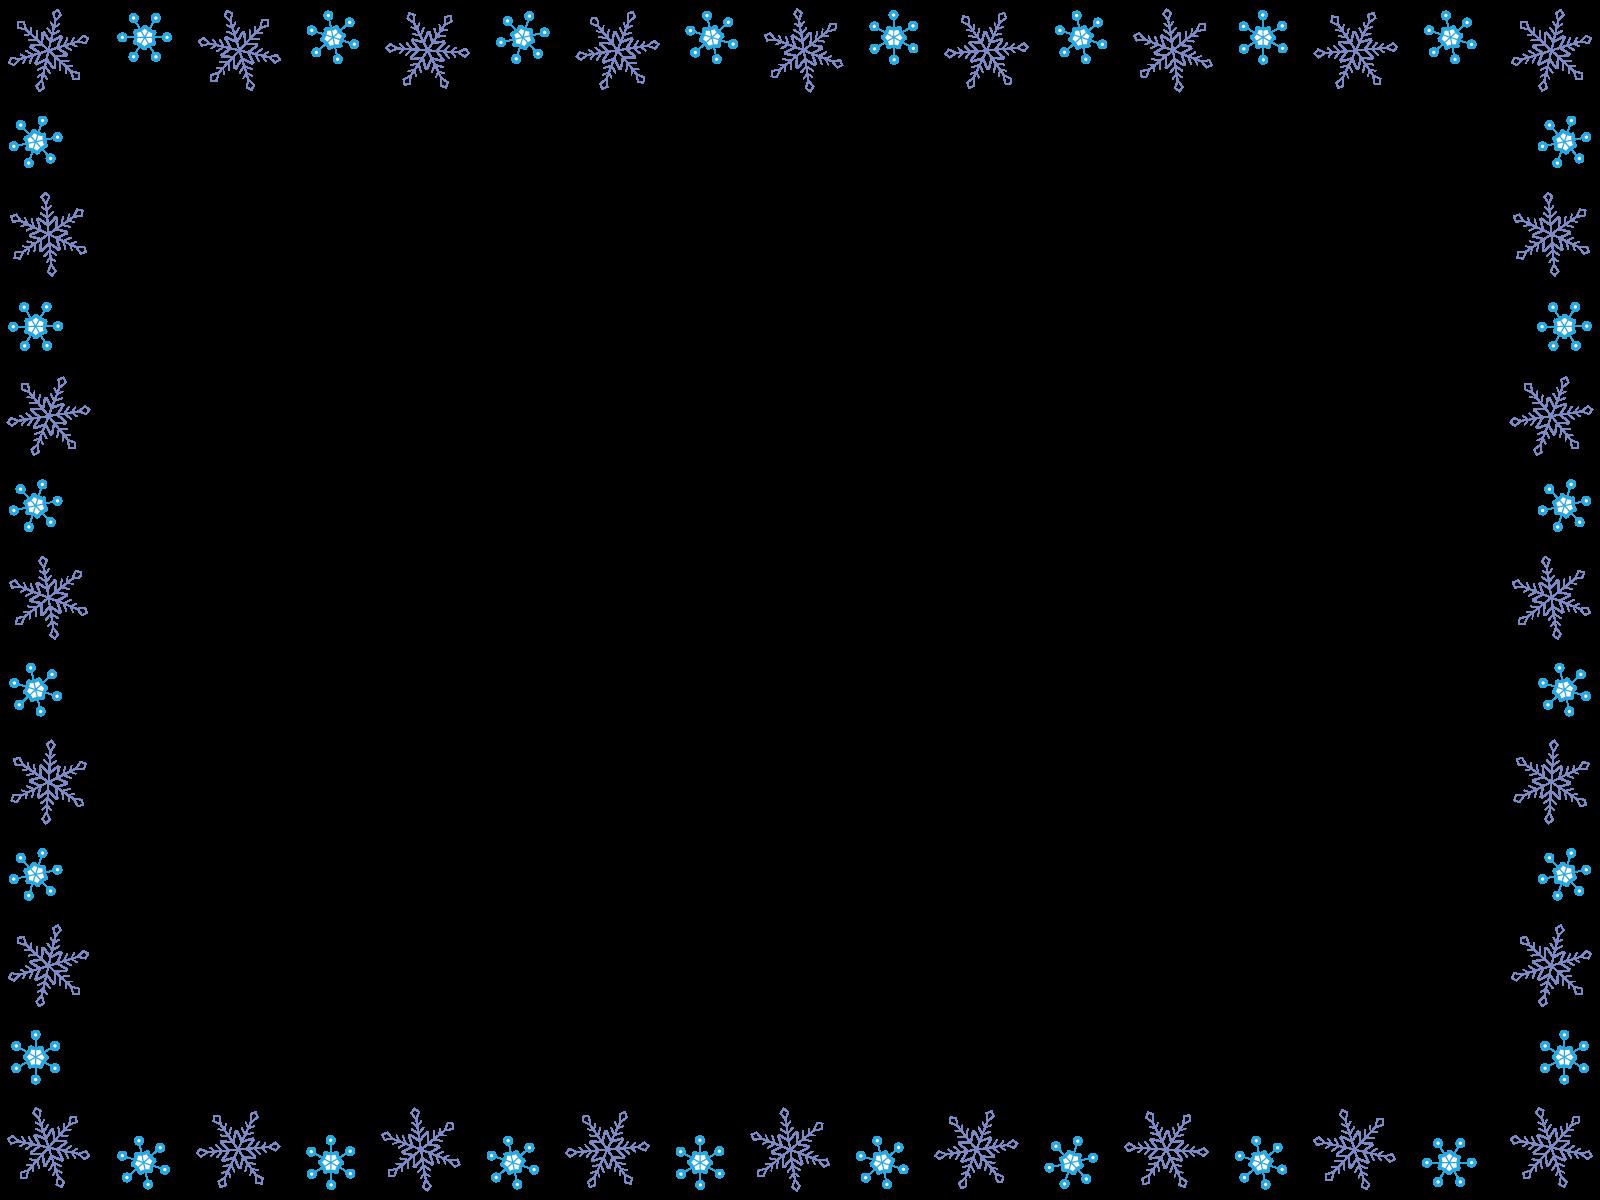 雪の結晶のフレーム枠イラスト画像素材2(フリー、無料)